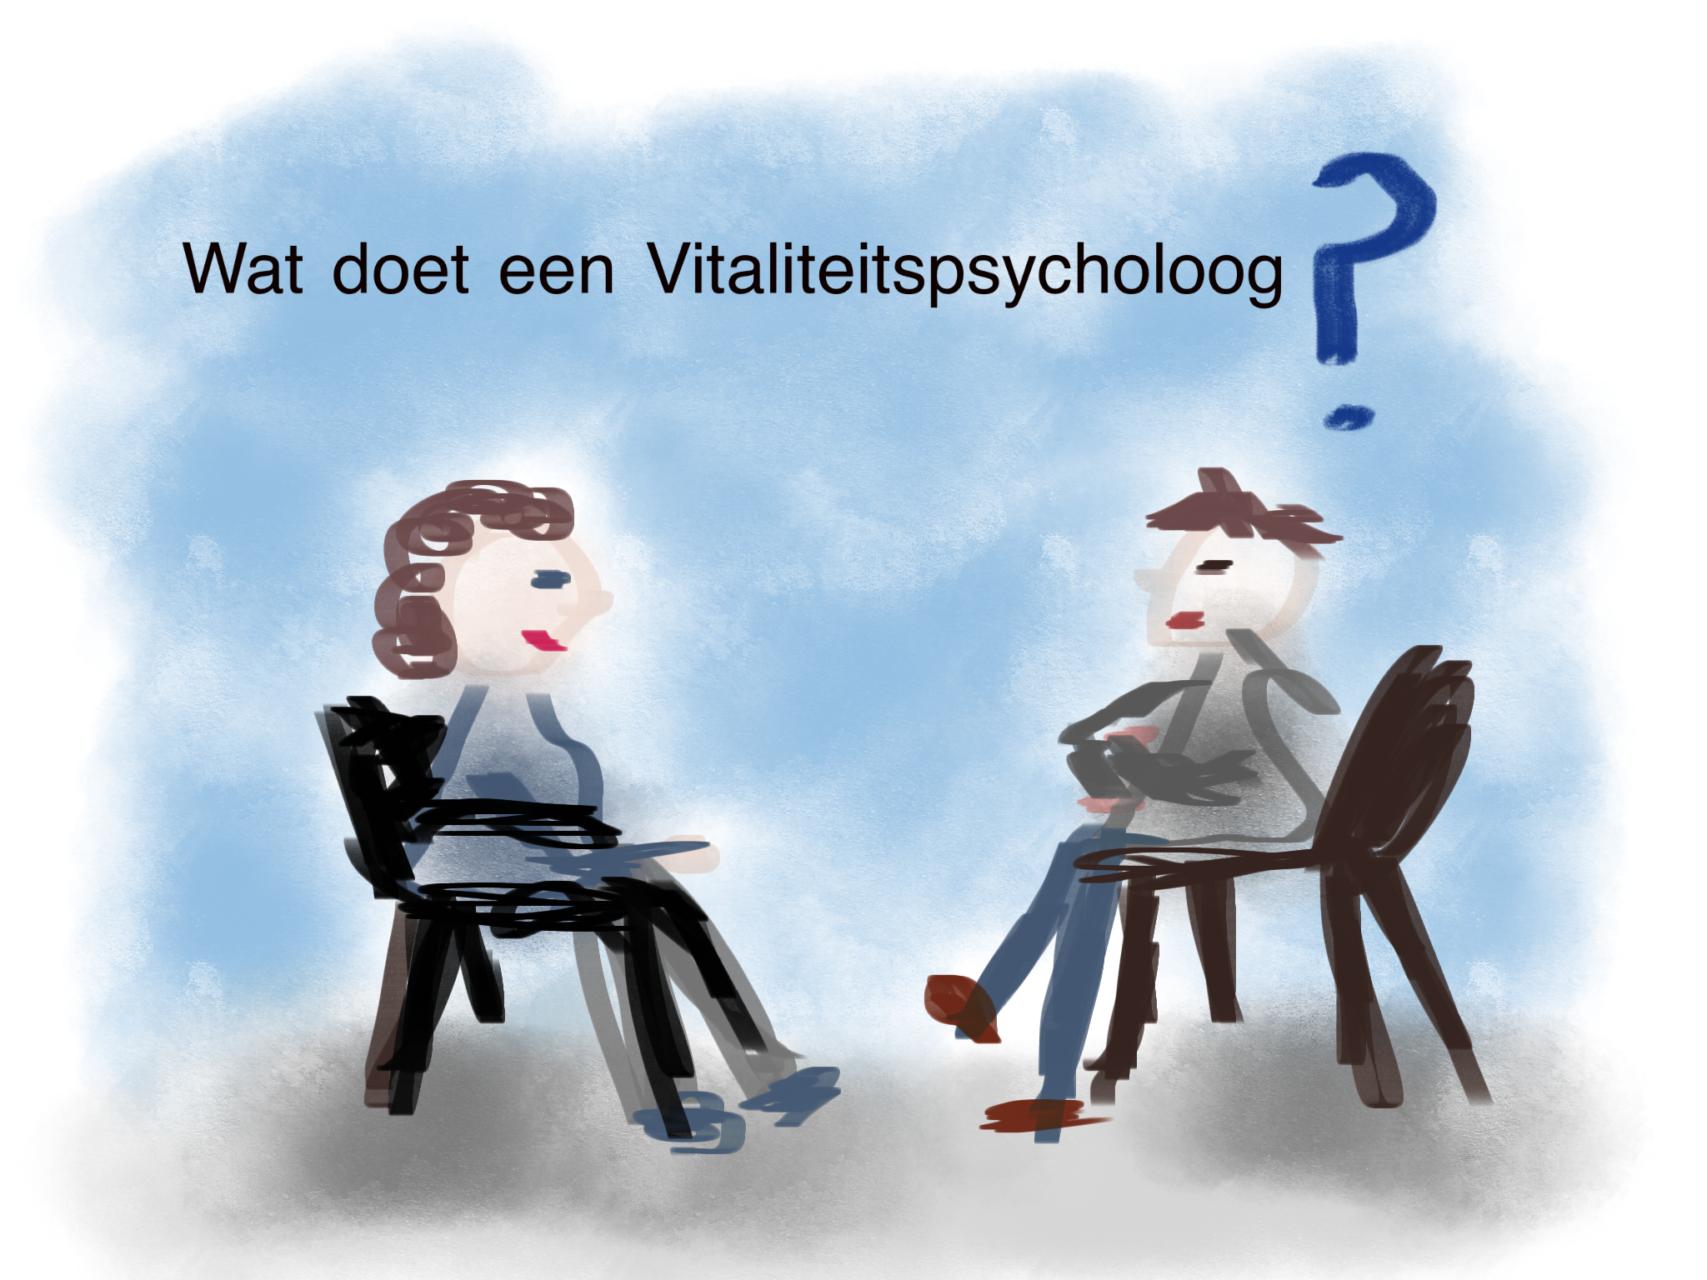 Wat doet een Vitaliteitspsycholoog?